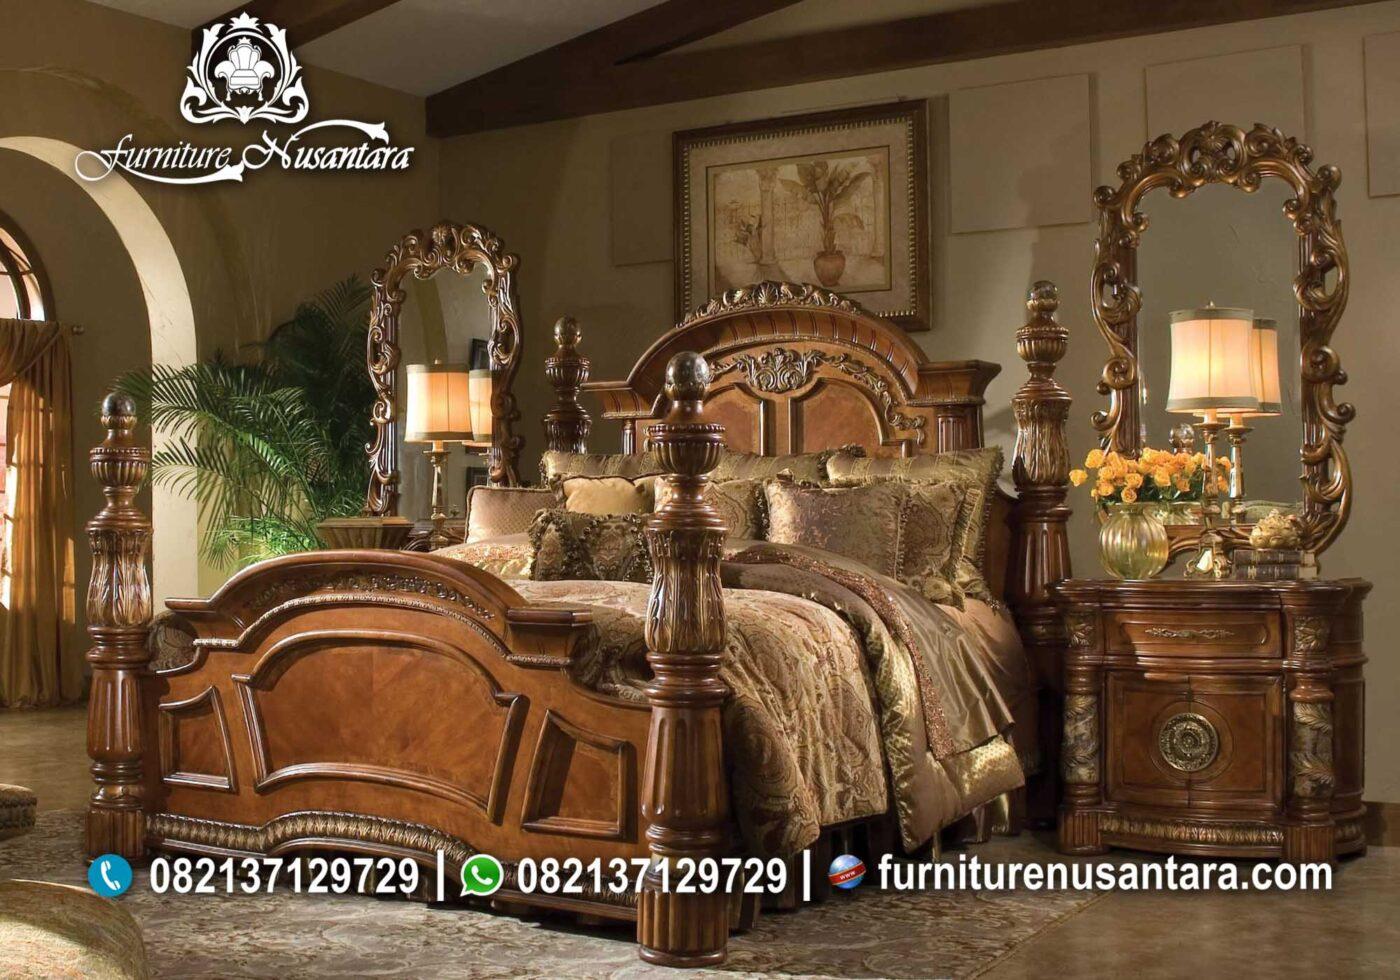 Kamar Set Kayu Jati Eropa KS-74, Furniture Nusantara